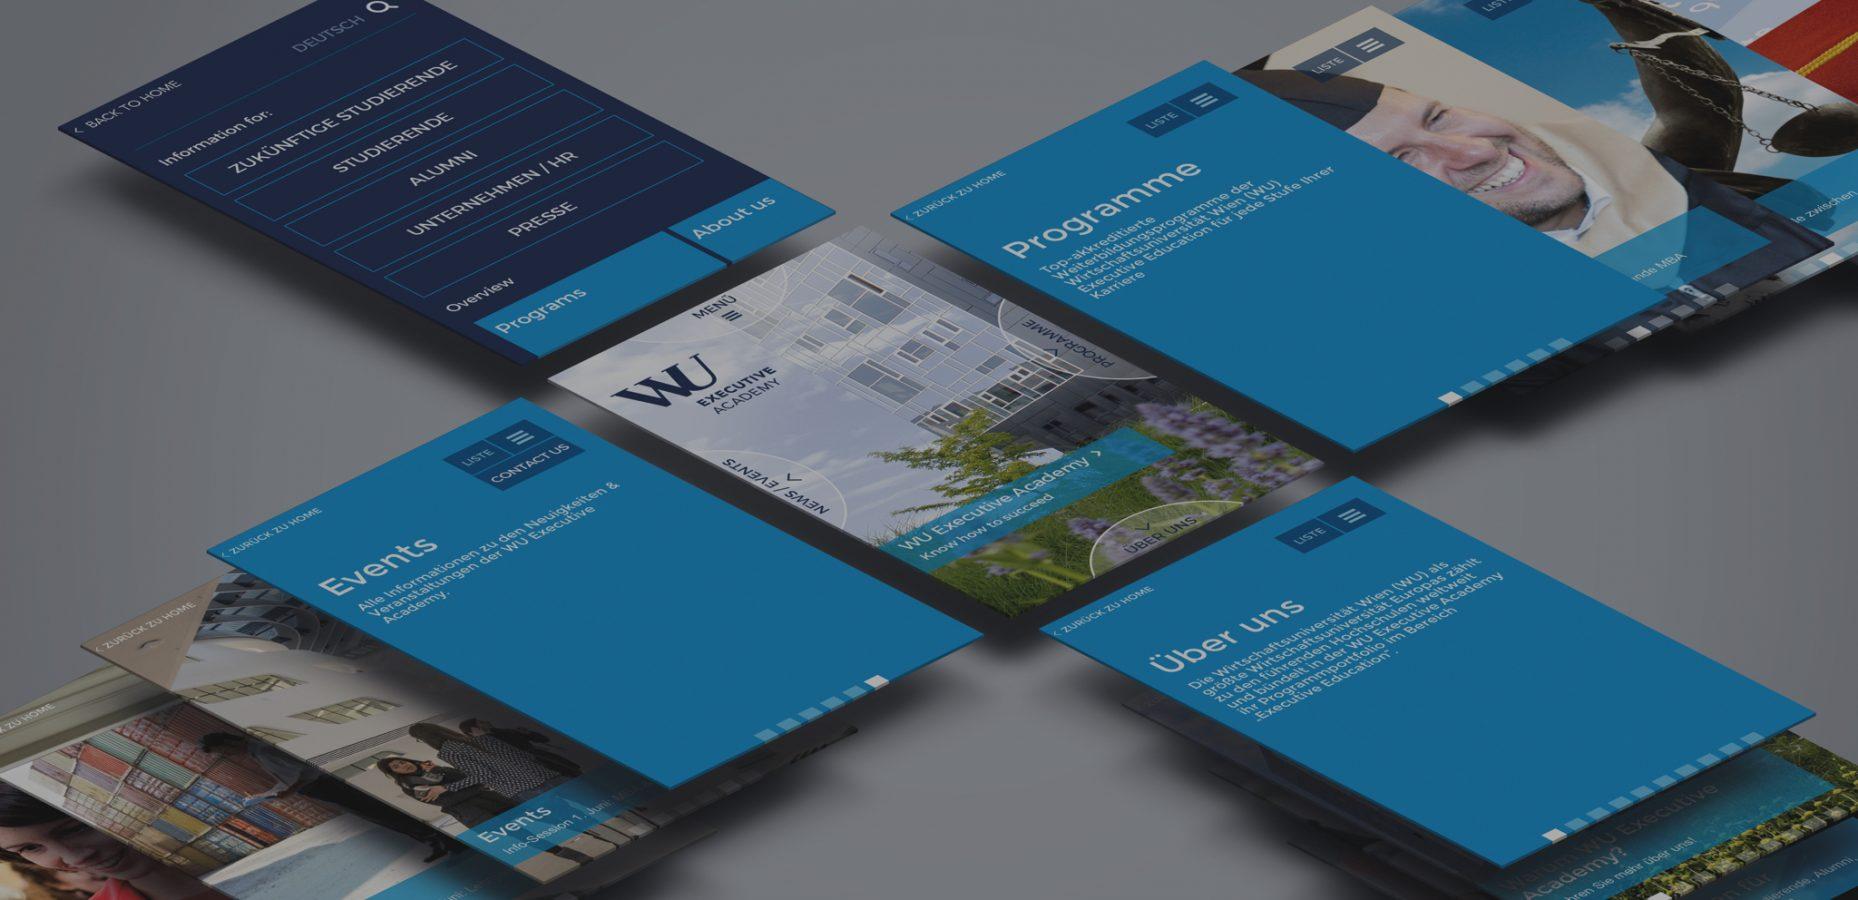 Digitalsunray mobiles Website Design die Kompassnavigation mit der man in jede Himmelsrichtung wischt um zu einem Menü zu kommen